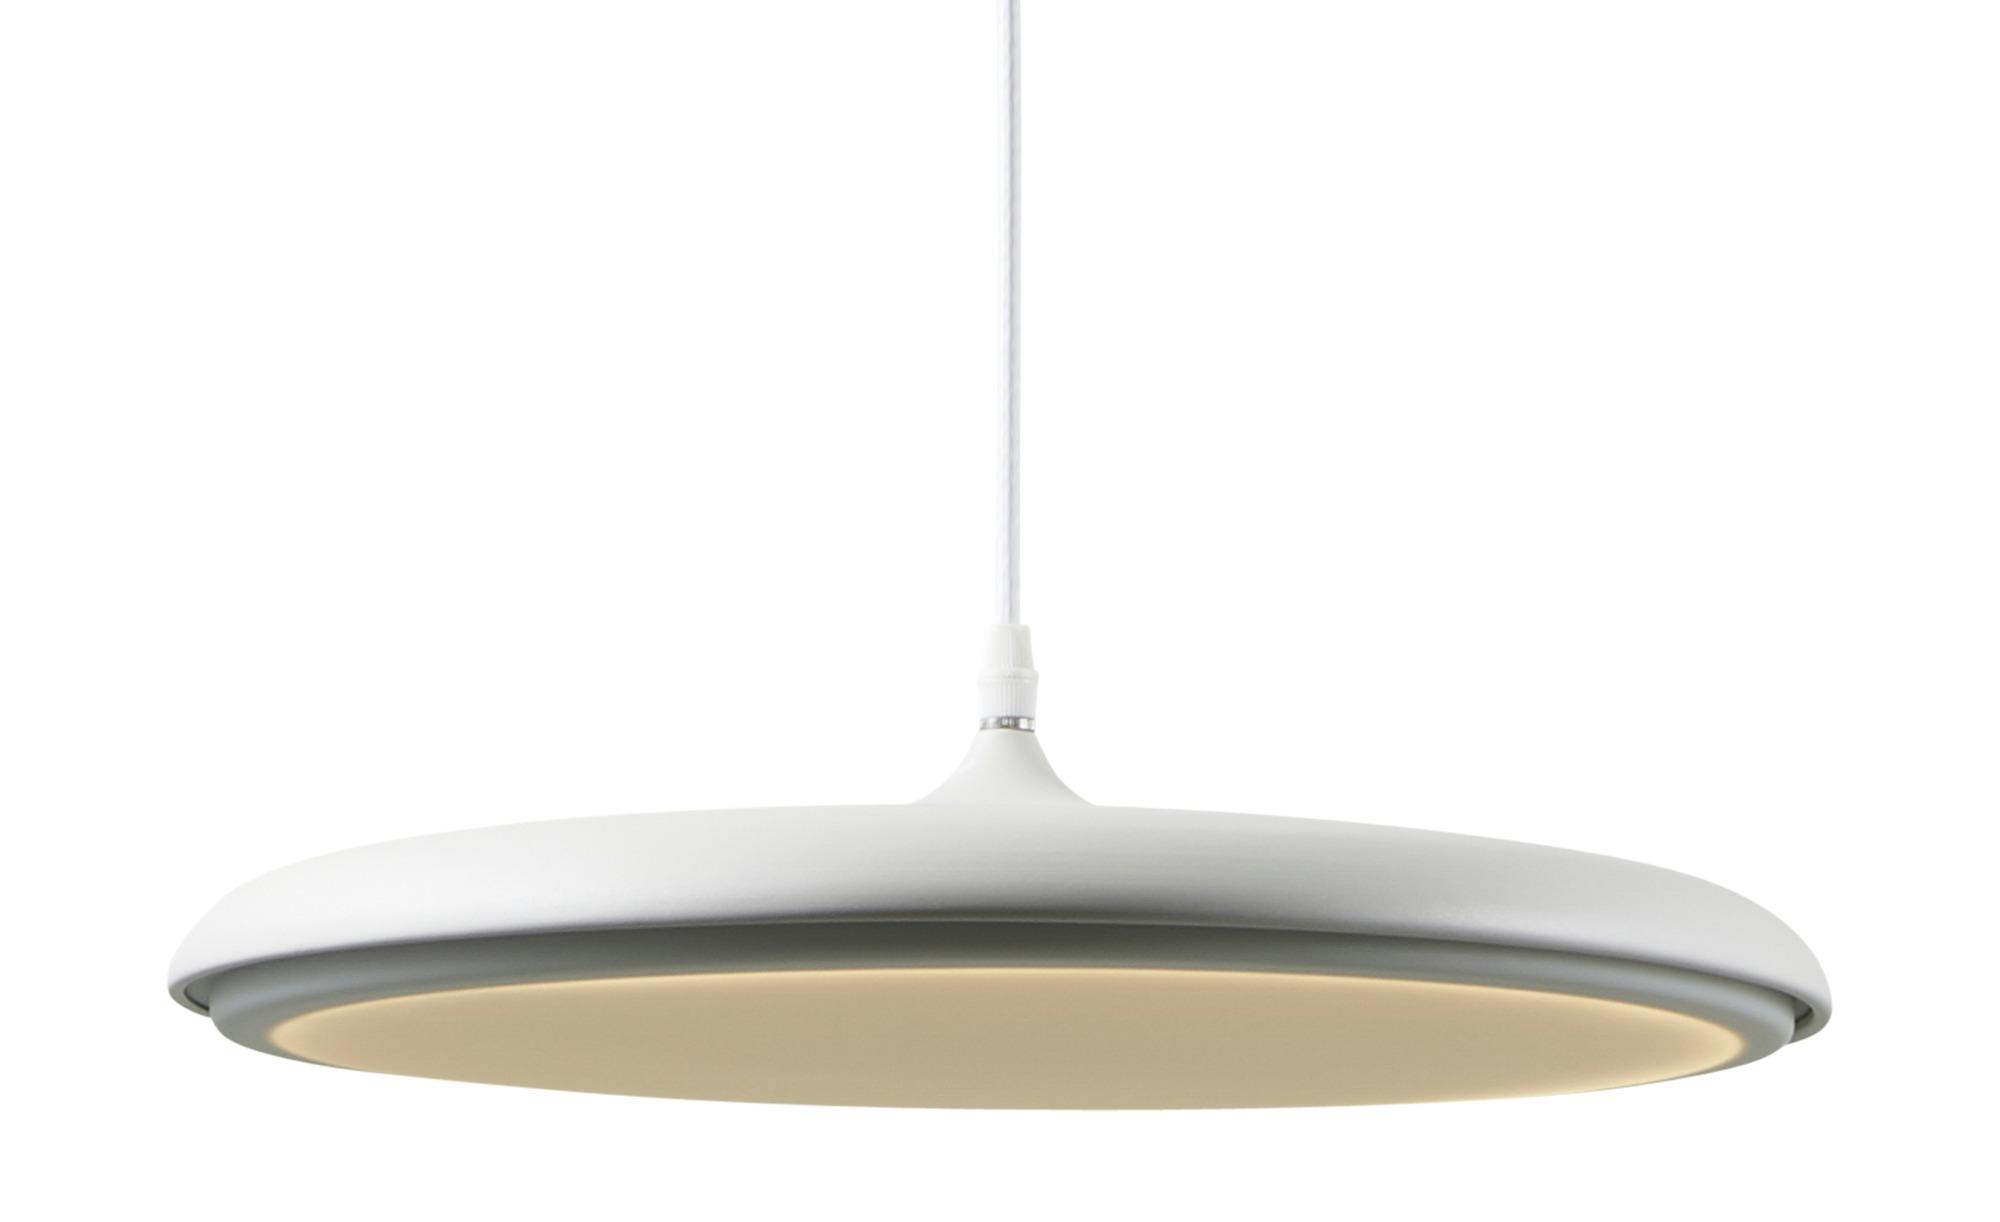 KHG LED-Pendelleuchte, 1-flammig, Weiß ¦ weiß ¦ Maße (cm): H: 150 Ø: 40 Lampen & Leuchten > LED-Leuchten > LED-Pendelleuchten - Höffner